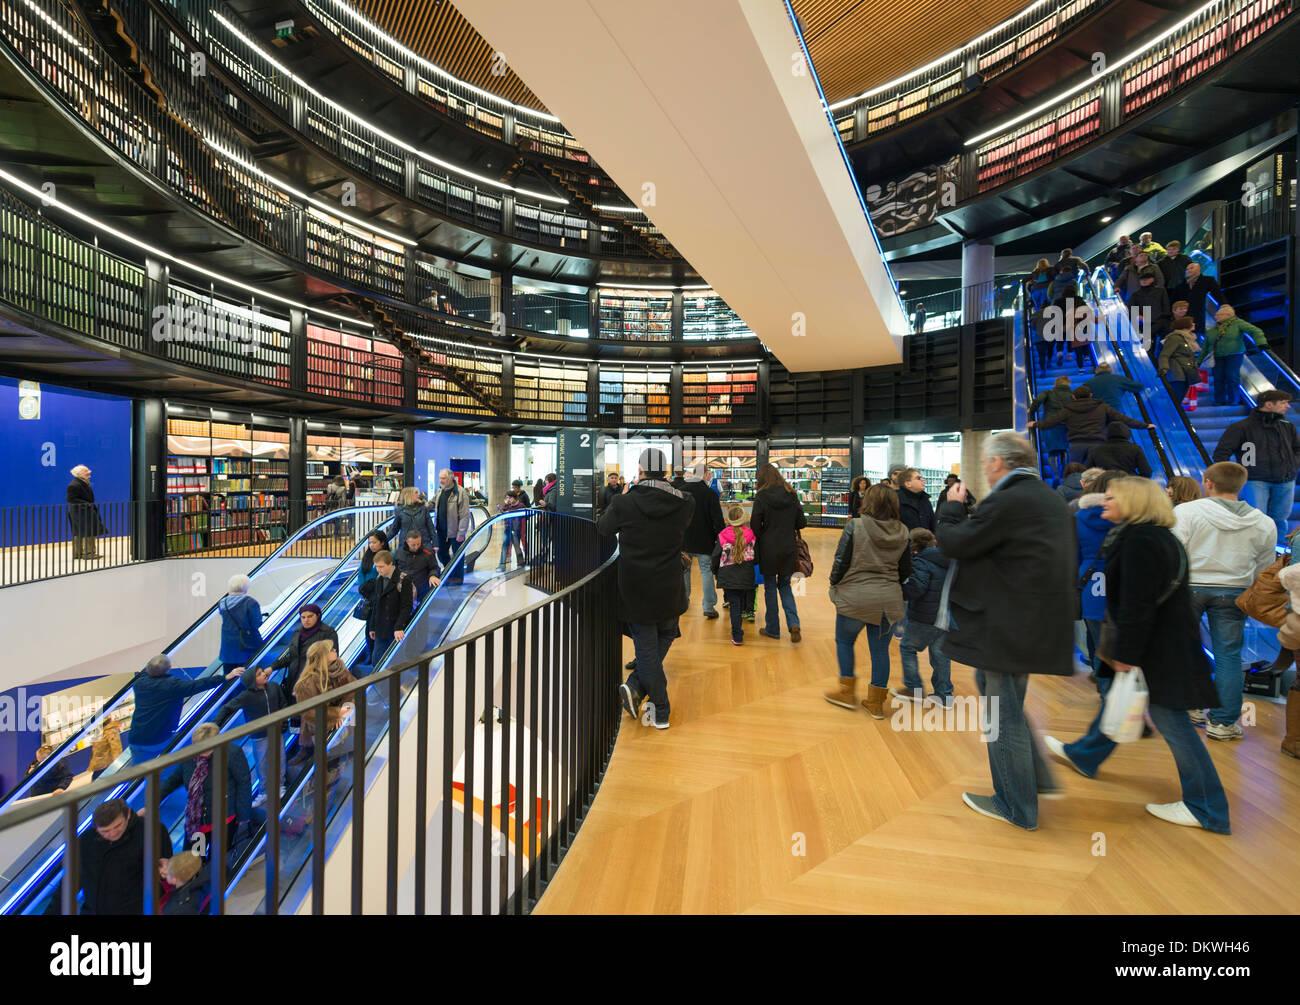 L'intérieur de la nouvelle bibliothèque de Birmingham, Angleterre. Photo Stock